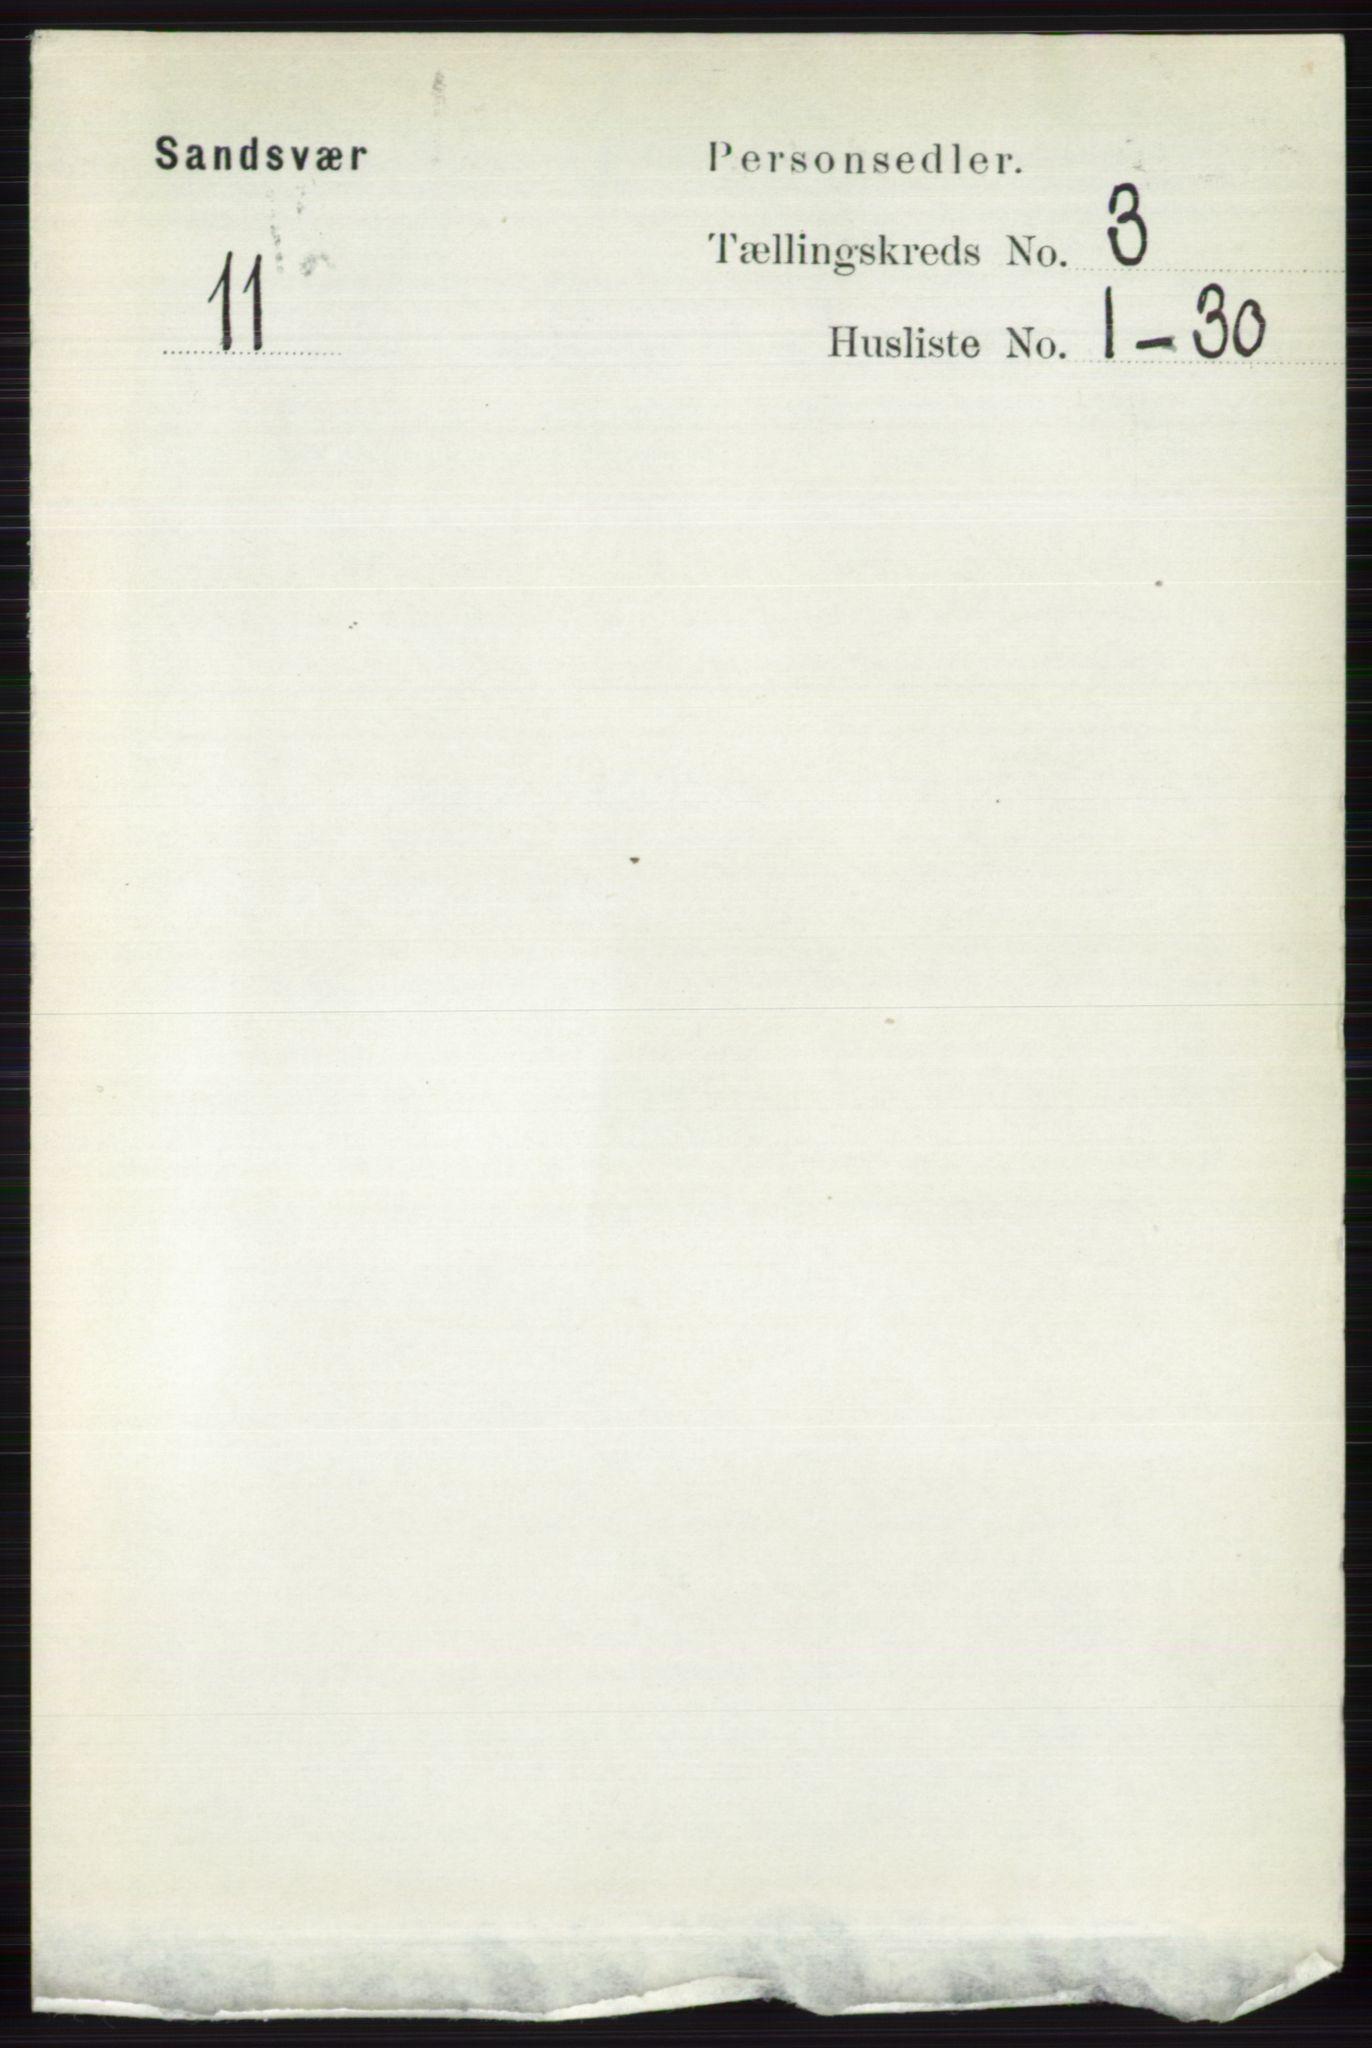 RA, Folketelling 1891 for 0629 Sandsvær herred, 1891, s. 1286